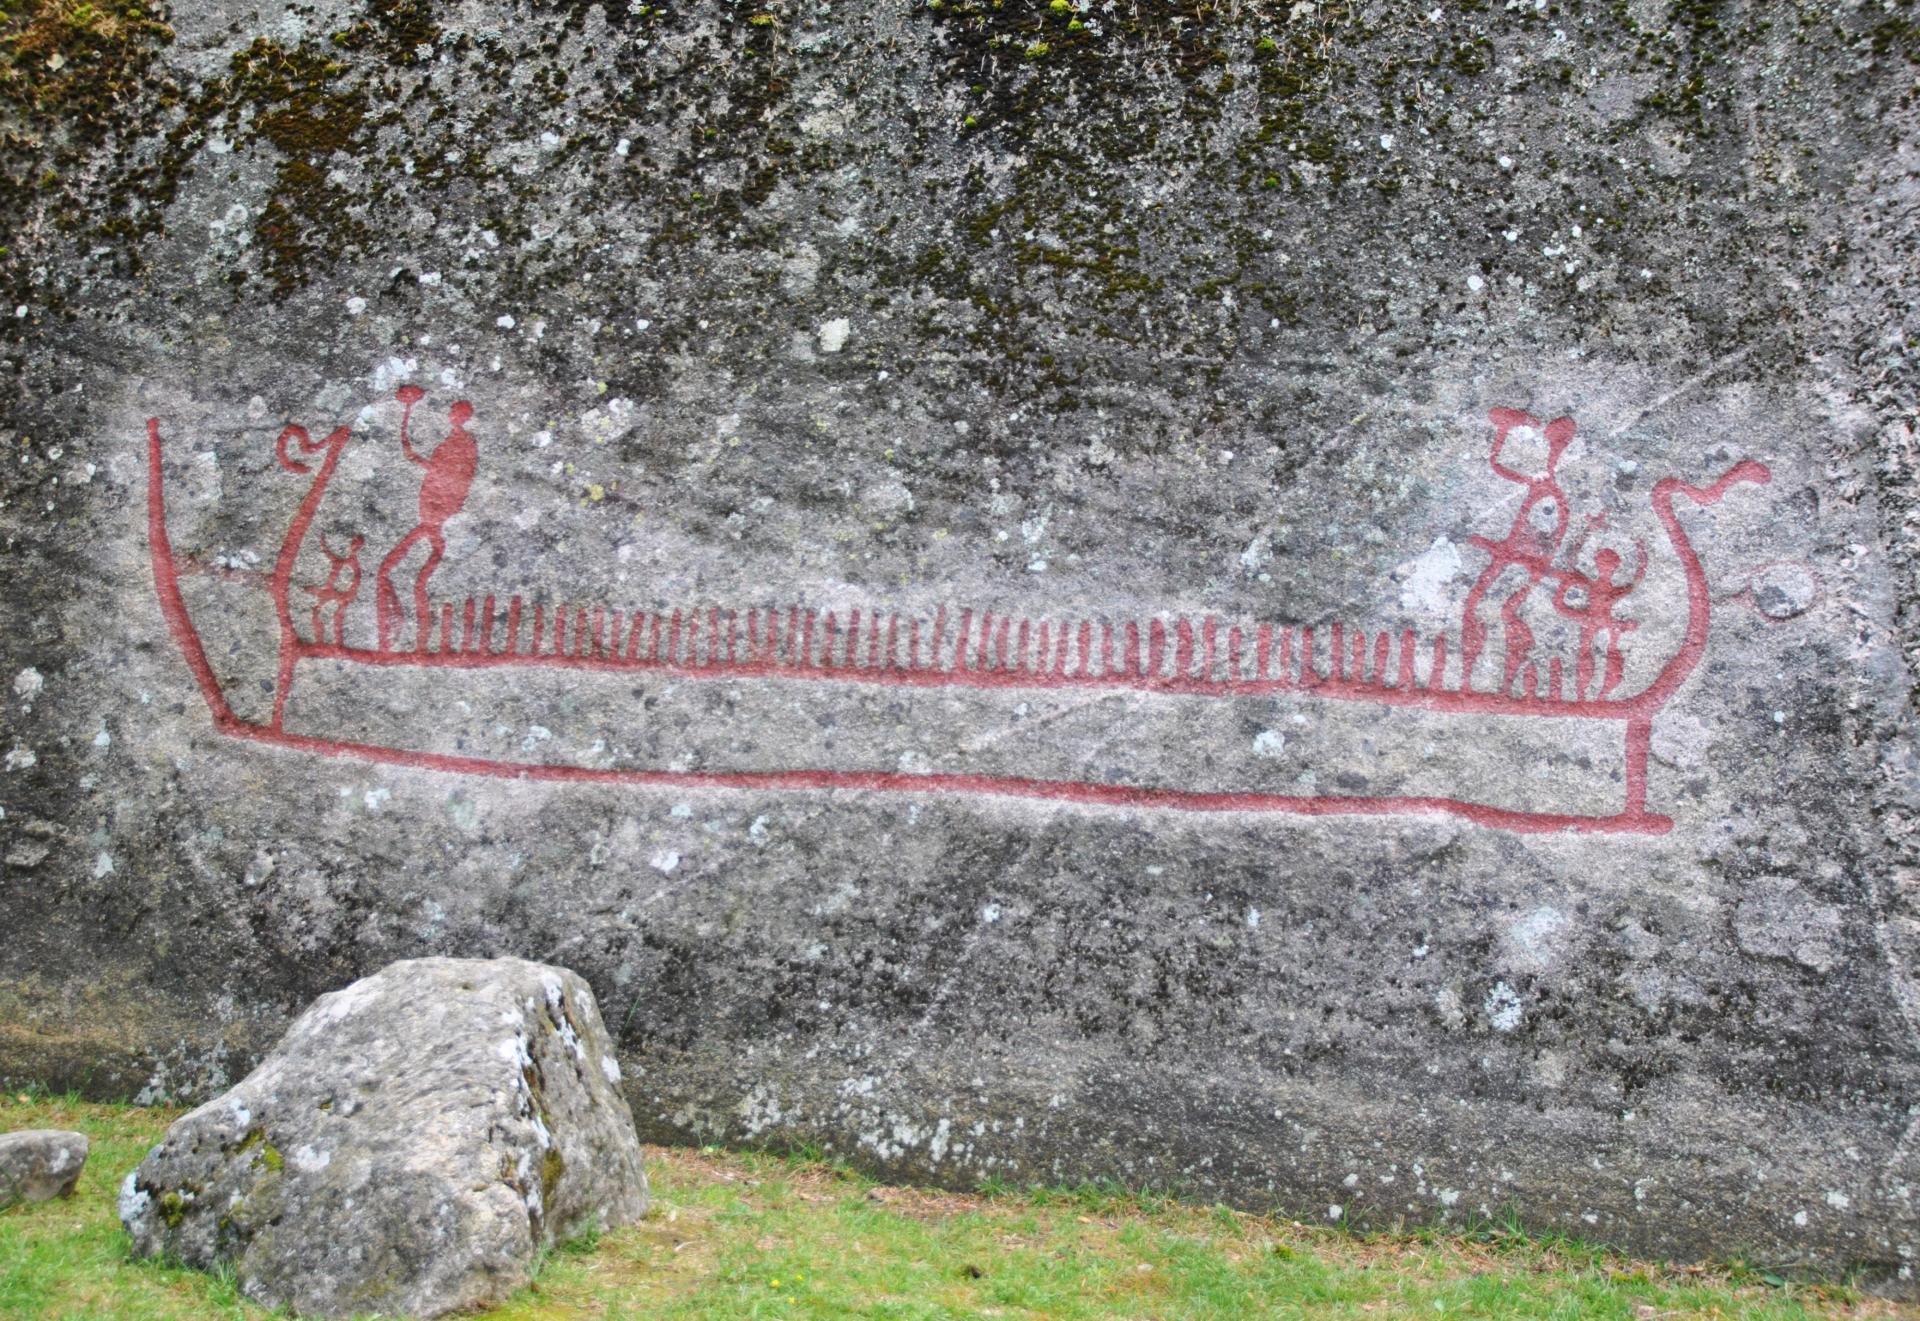 Norvège - Le navire de Bjørnstad est la plus grande gravure rupestre en Scandinavie - Photo: Thomas M. Hansen